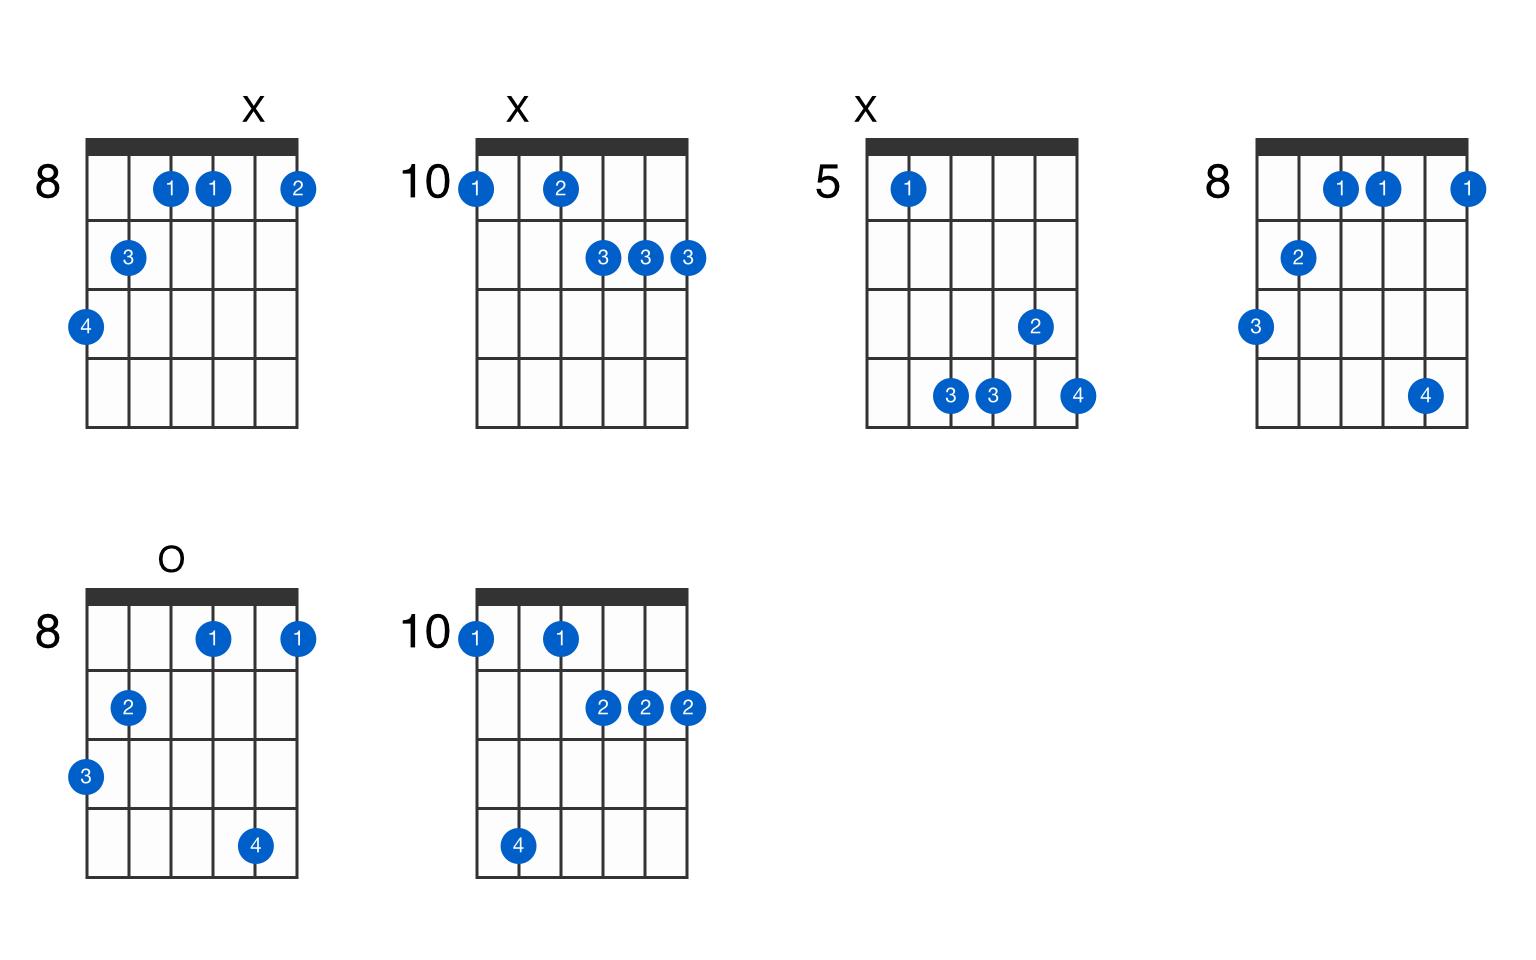 D augmented 7th flat 9th guitar chord - GtrLib Chords